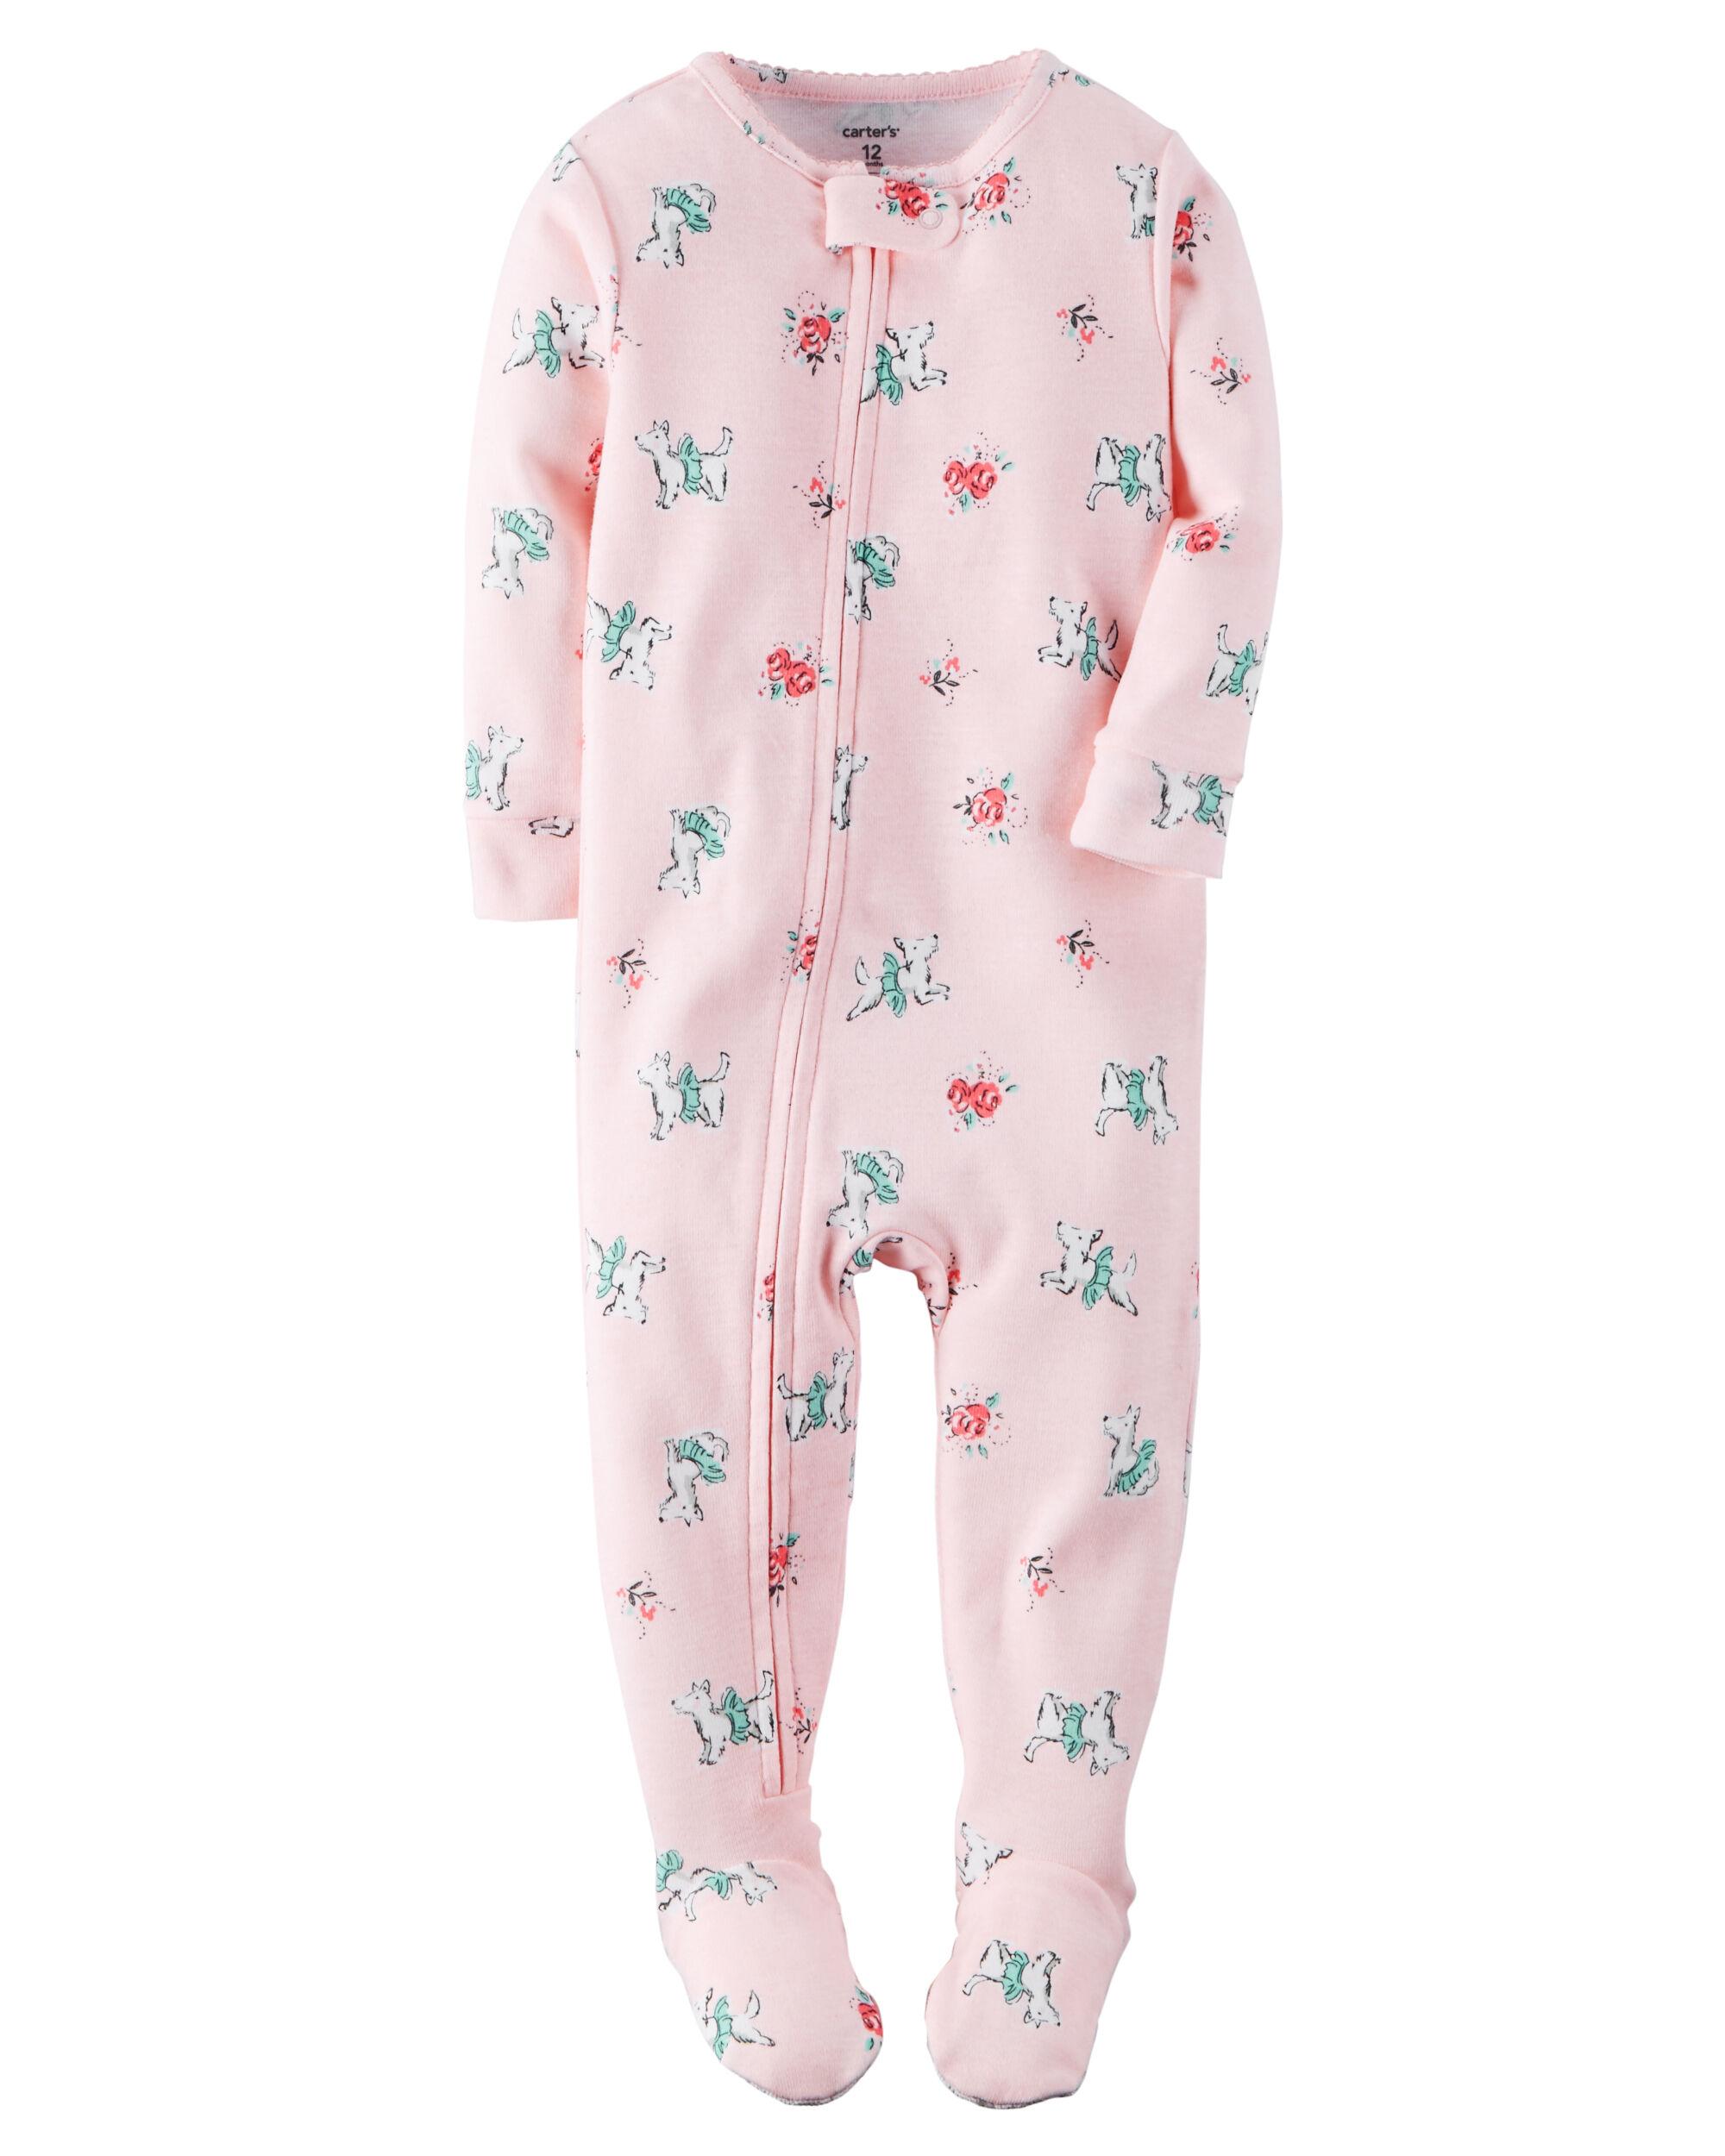 1-Piece Snug Fit Cotton PJs. Loading zoom c0019a7b4